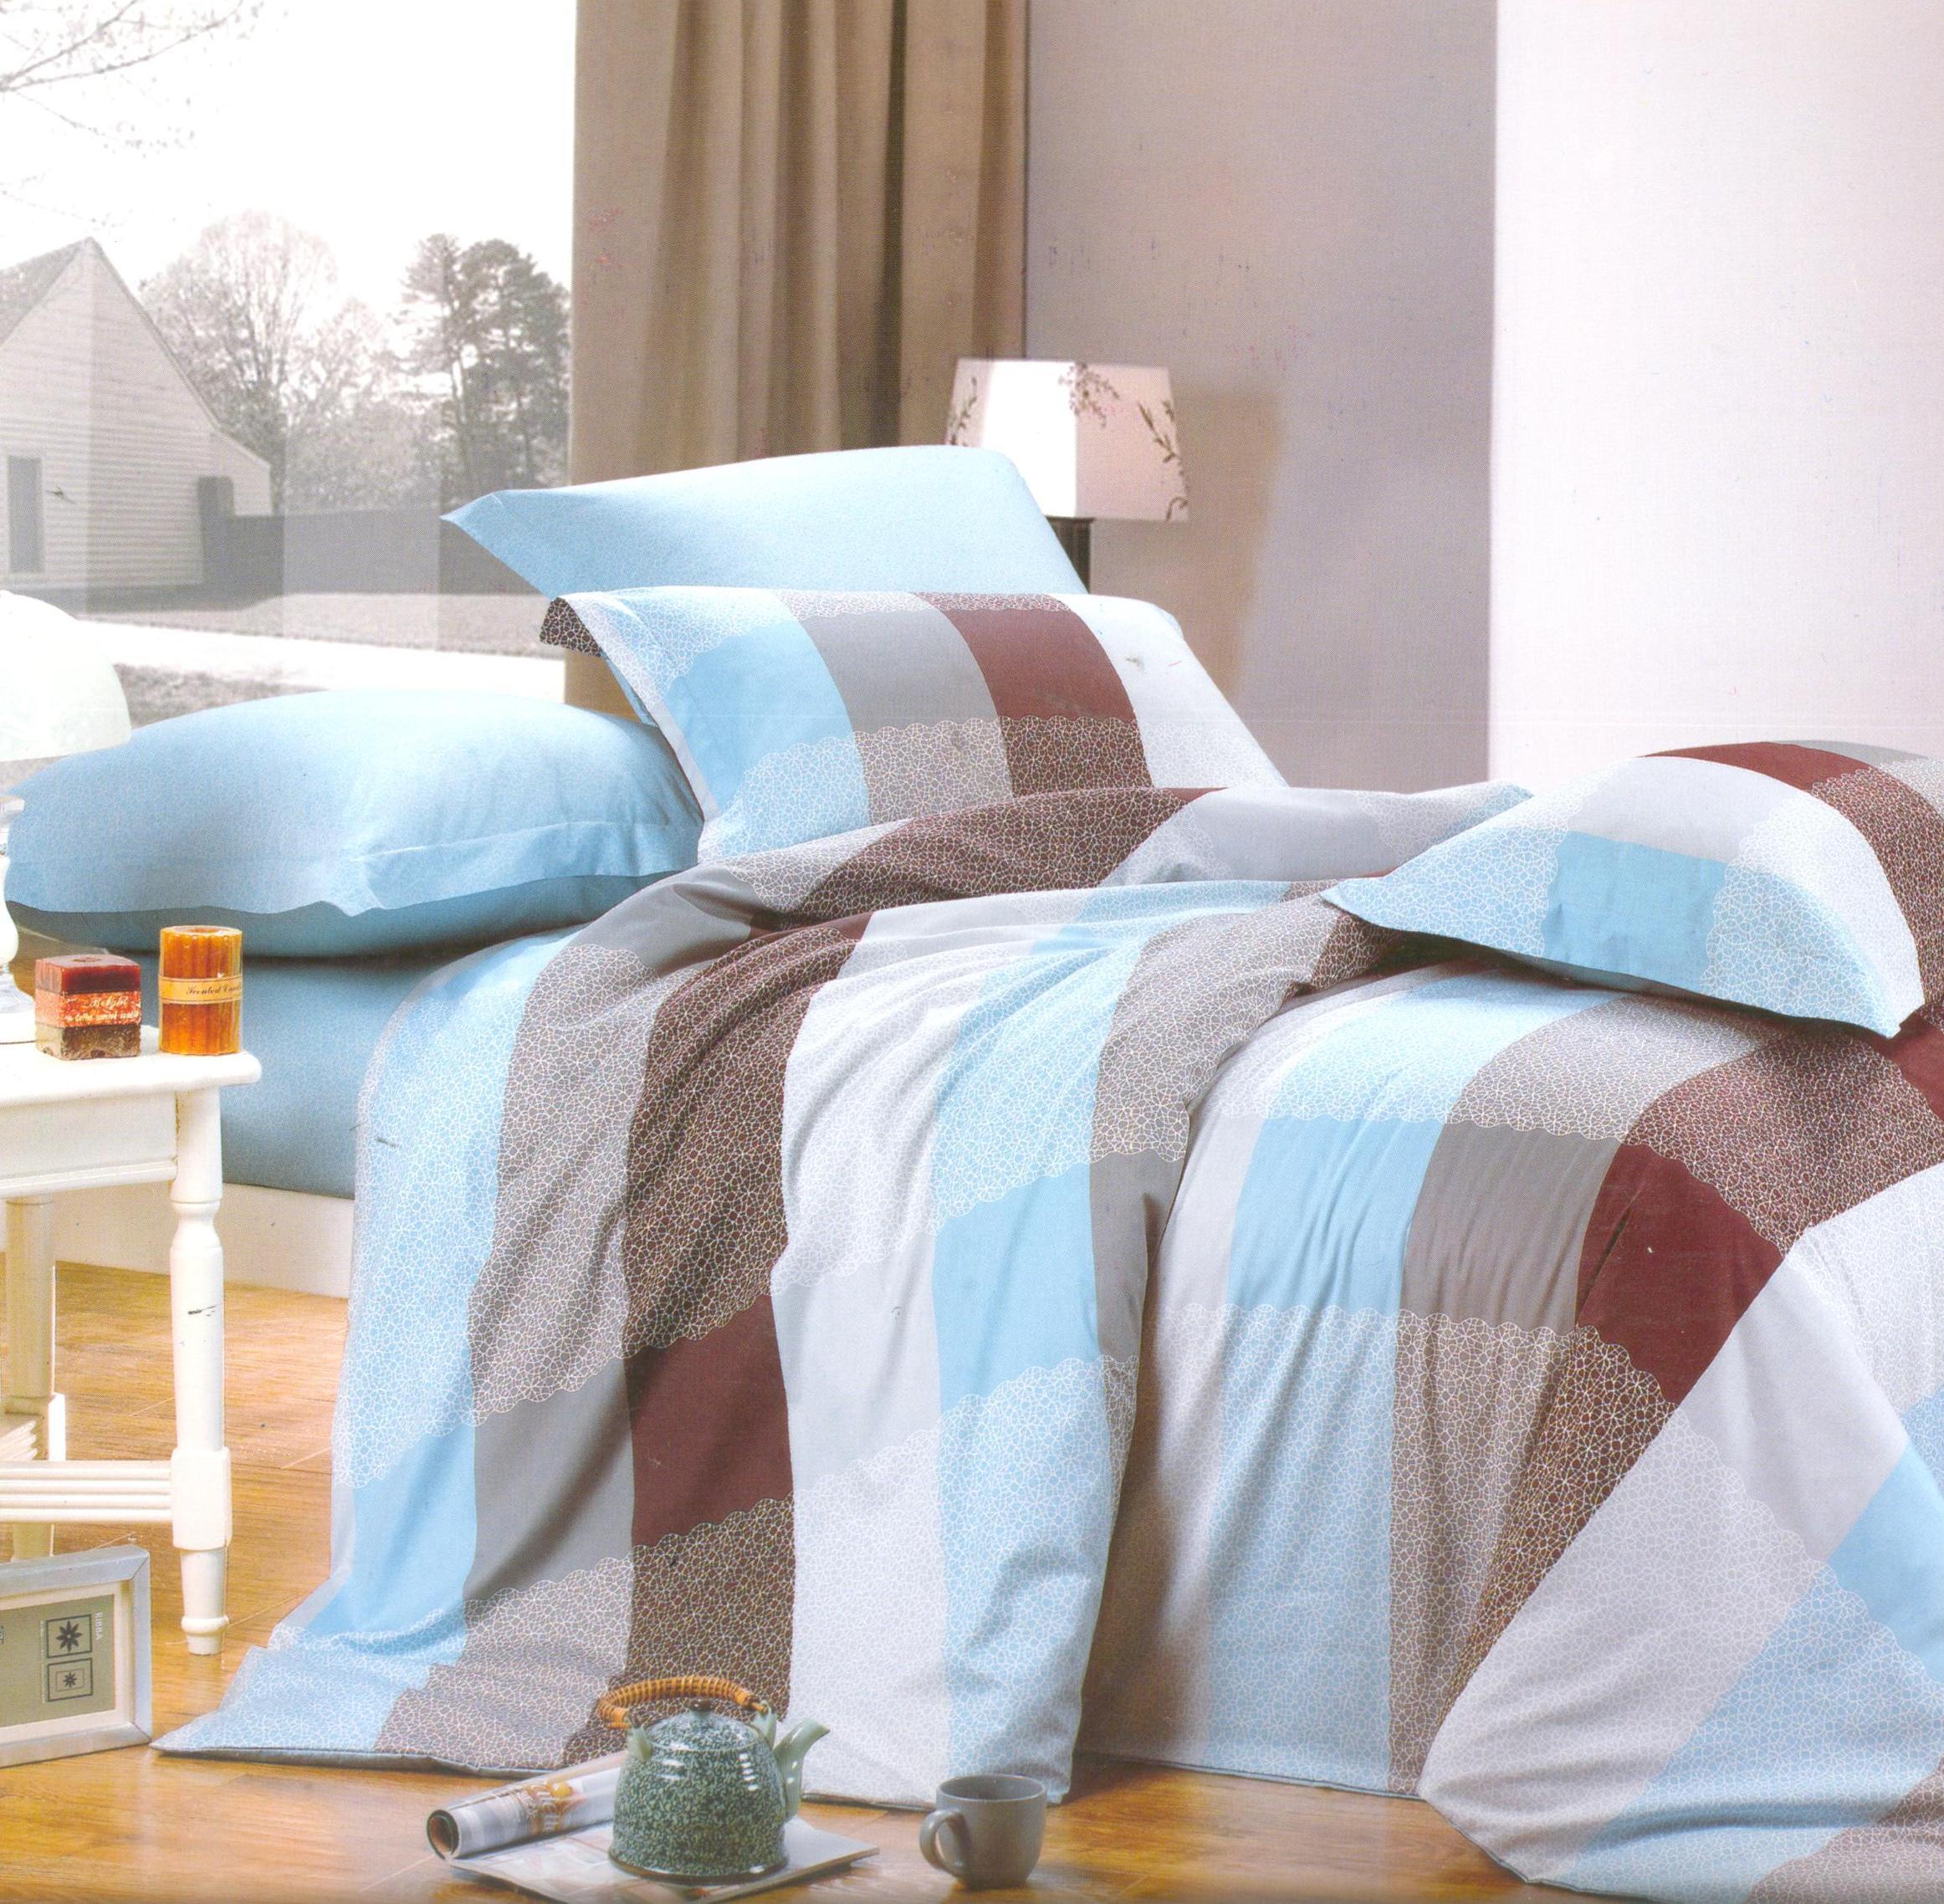 Купить Комплекты постельного белья СайлиД, Постельное белье Heather B-103 (2 сп. евро), Китай, Голубой, Коричневый, Хлопковый сатин